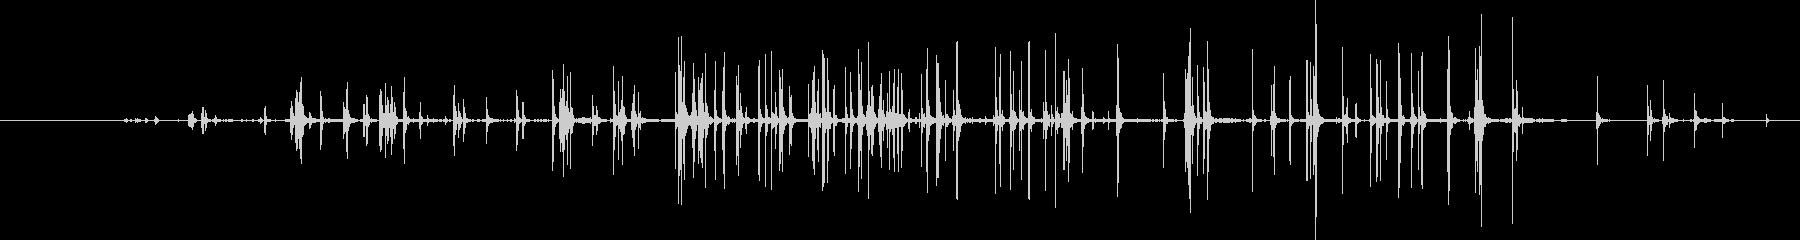 スモールベルクロストリップ:スロー...の未再生の波形